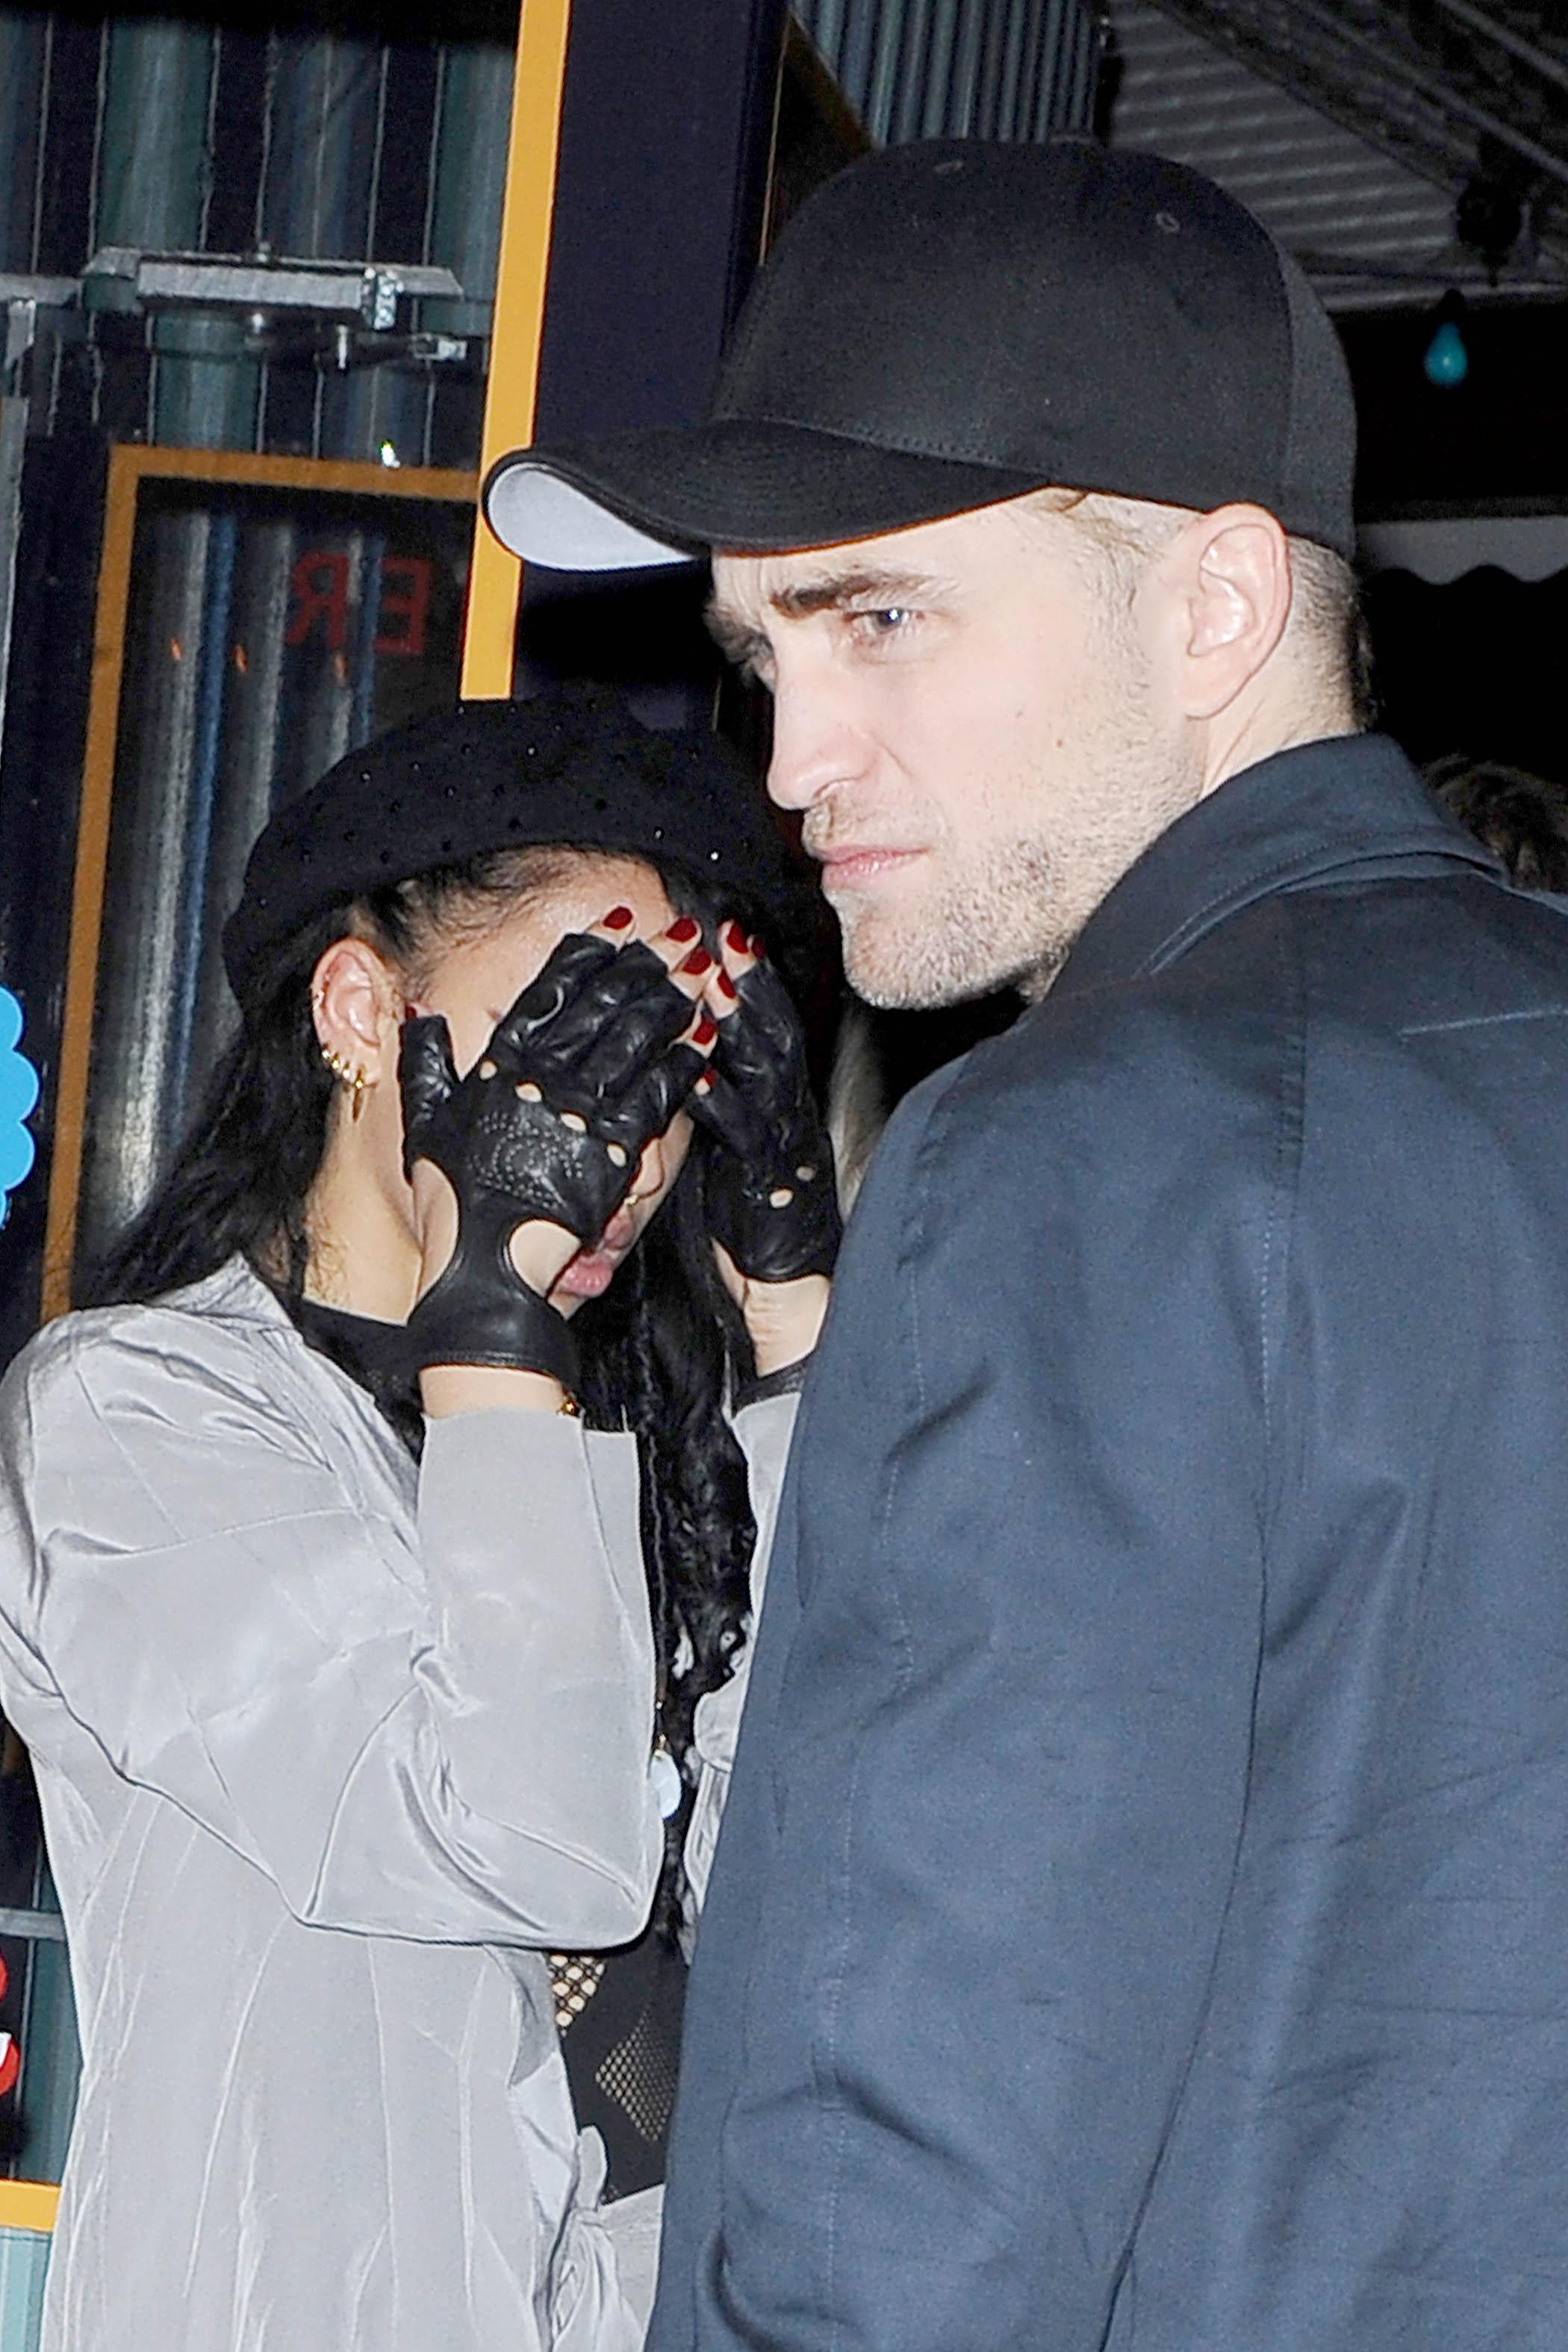 Fotos de Robert e FKA Twigs em Nova York (10 e 11/11)